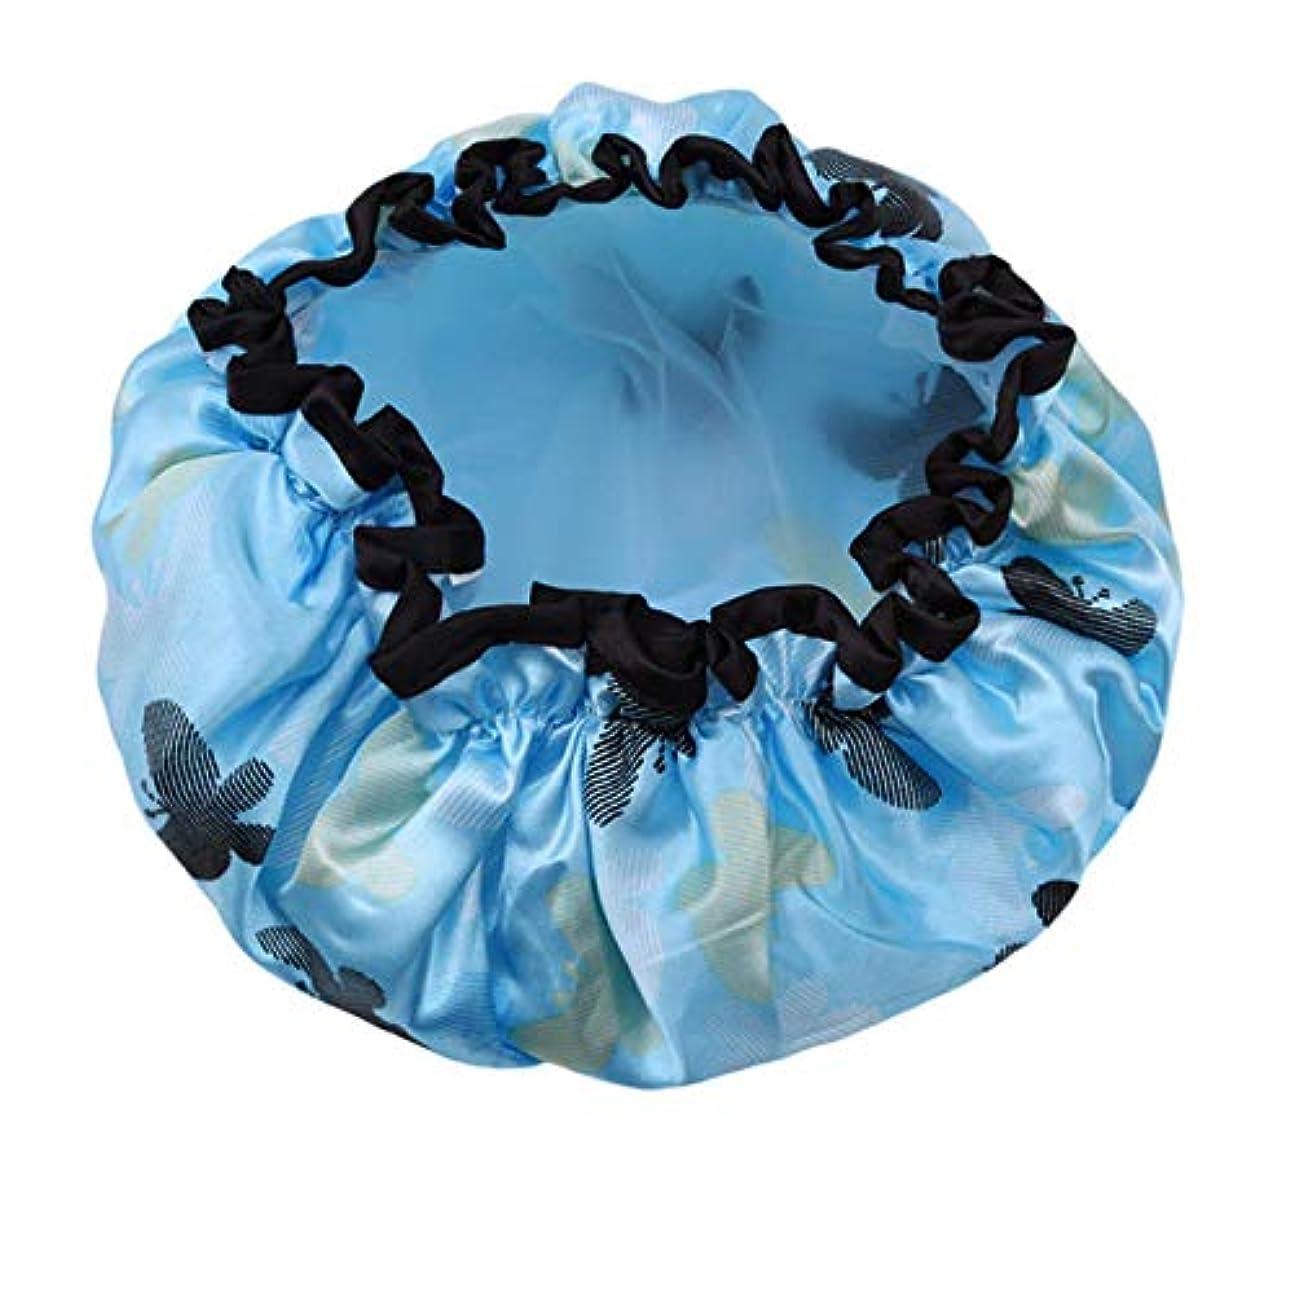 生き物すり減る伝導1st market プレミアム二層バスキャップエラスティックバンドシャワー帽子防水女性用シャワースパスタイル3